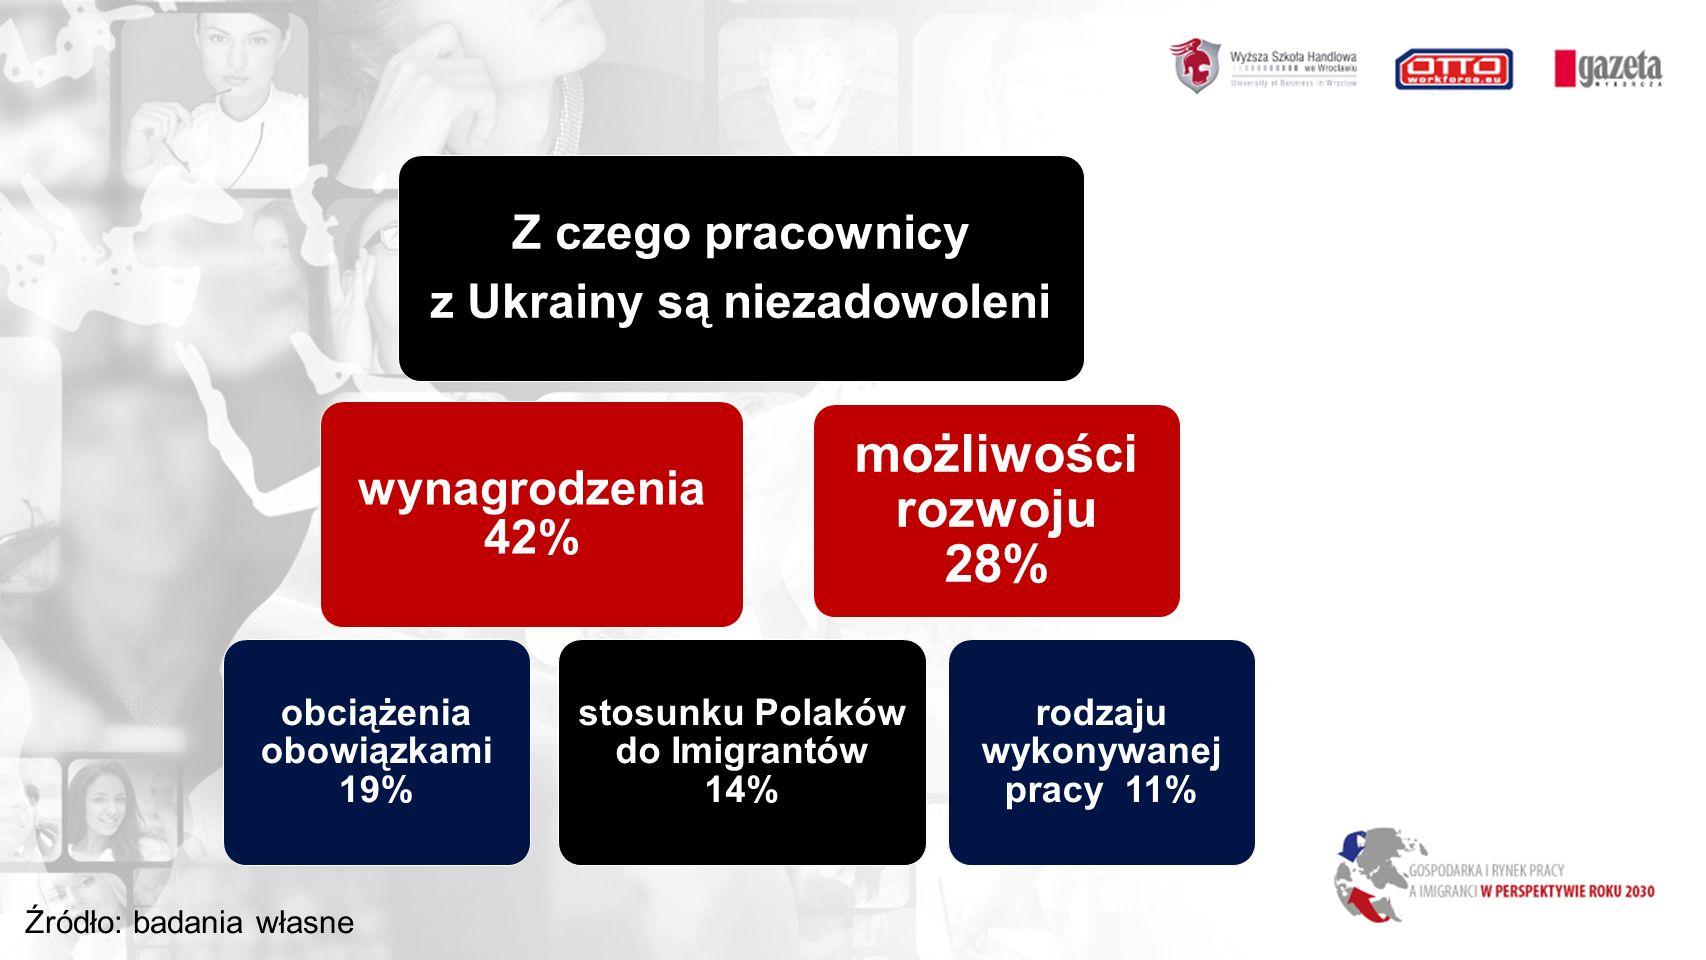 Z czego pracownicy z Ukrainy są niezadowoleni wynagrodzenia 42% rodzaju wykonywanej pracy 11% obciążenia obowiązkami 19% stosunku Polaków do Imigrantów 14% możliwości rozwoju 28% Źródło: badania własne